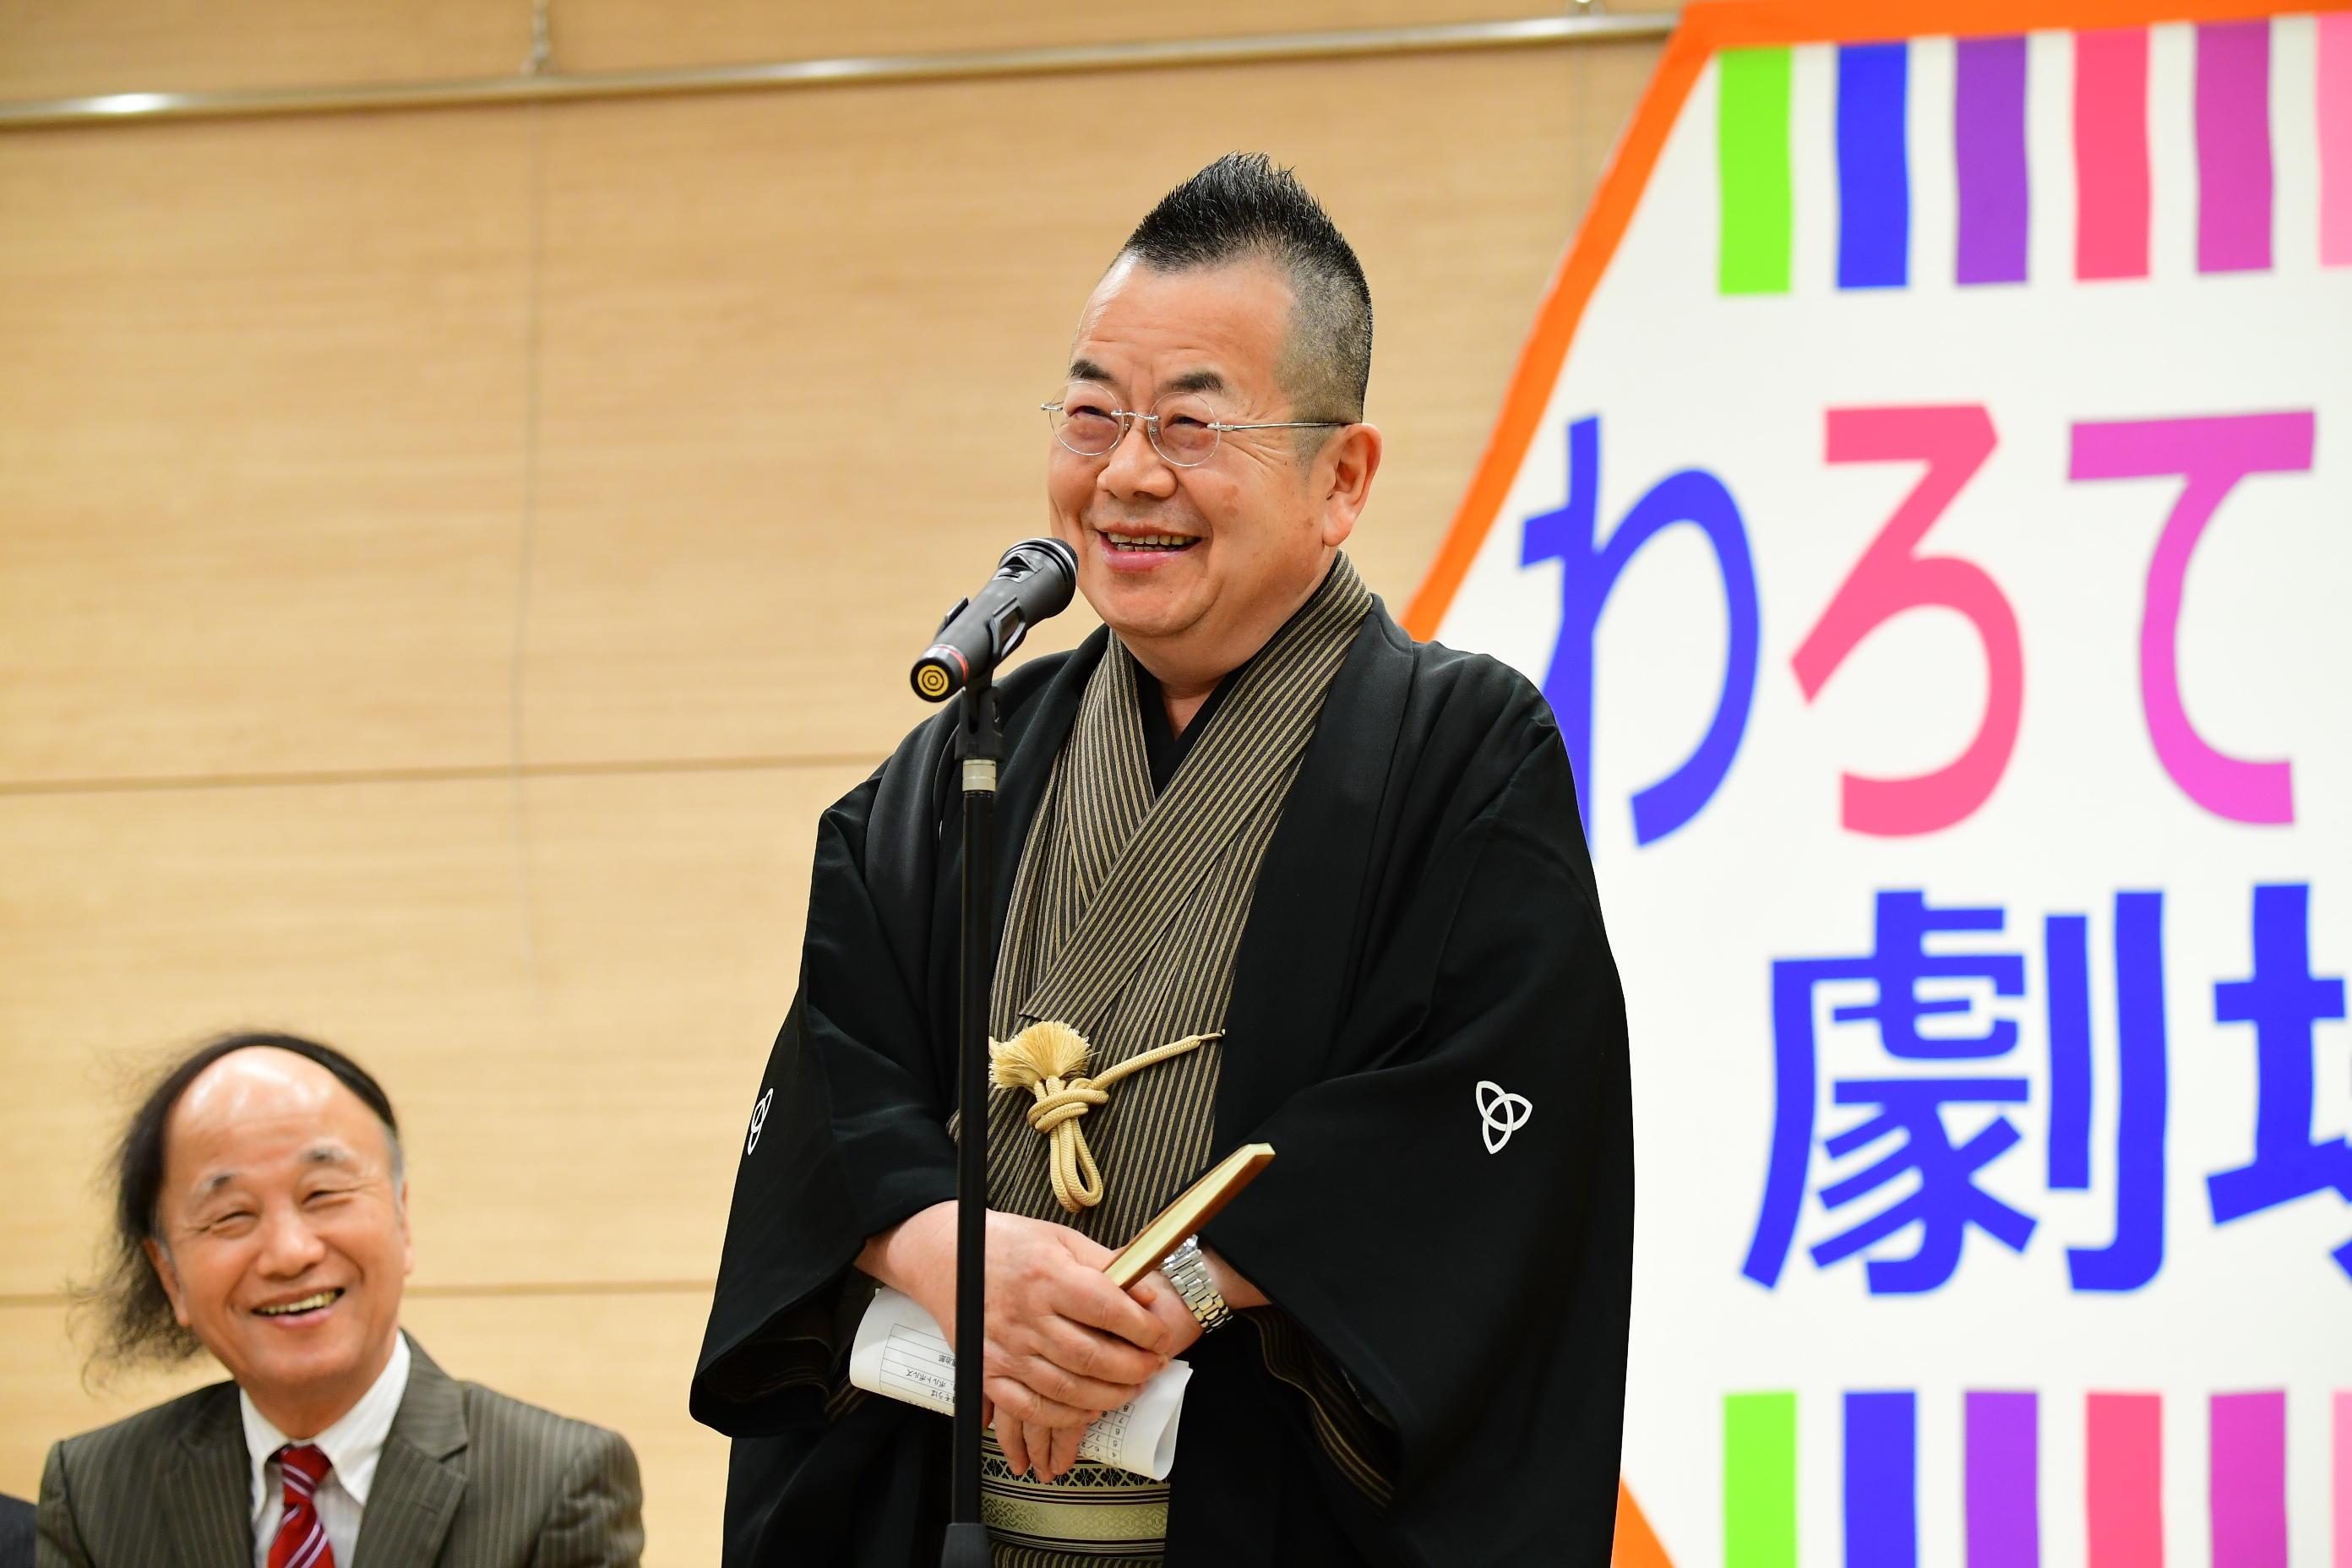 http://news.yoshimoto.co.jp/20170427234702-307226acdf3d73ac4f4b26d0ca486bf0955629fa.jpg